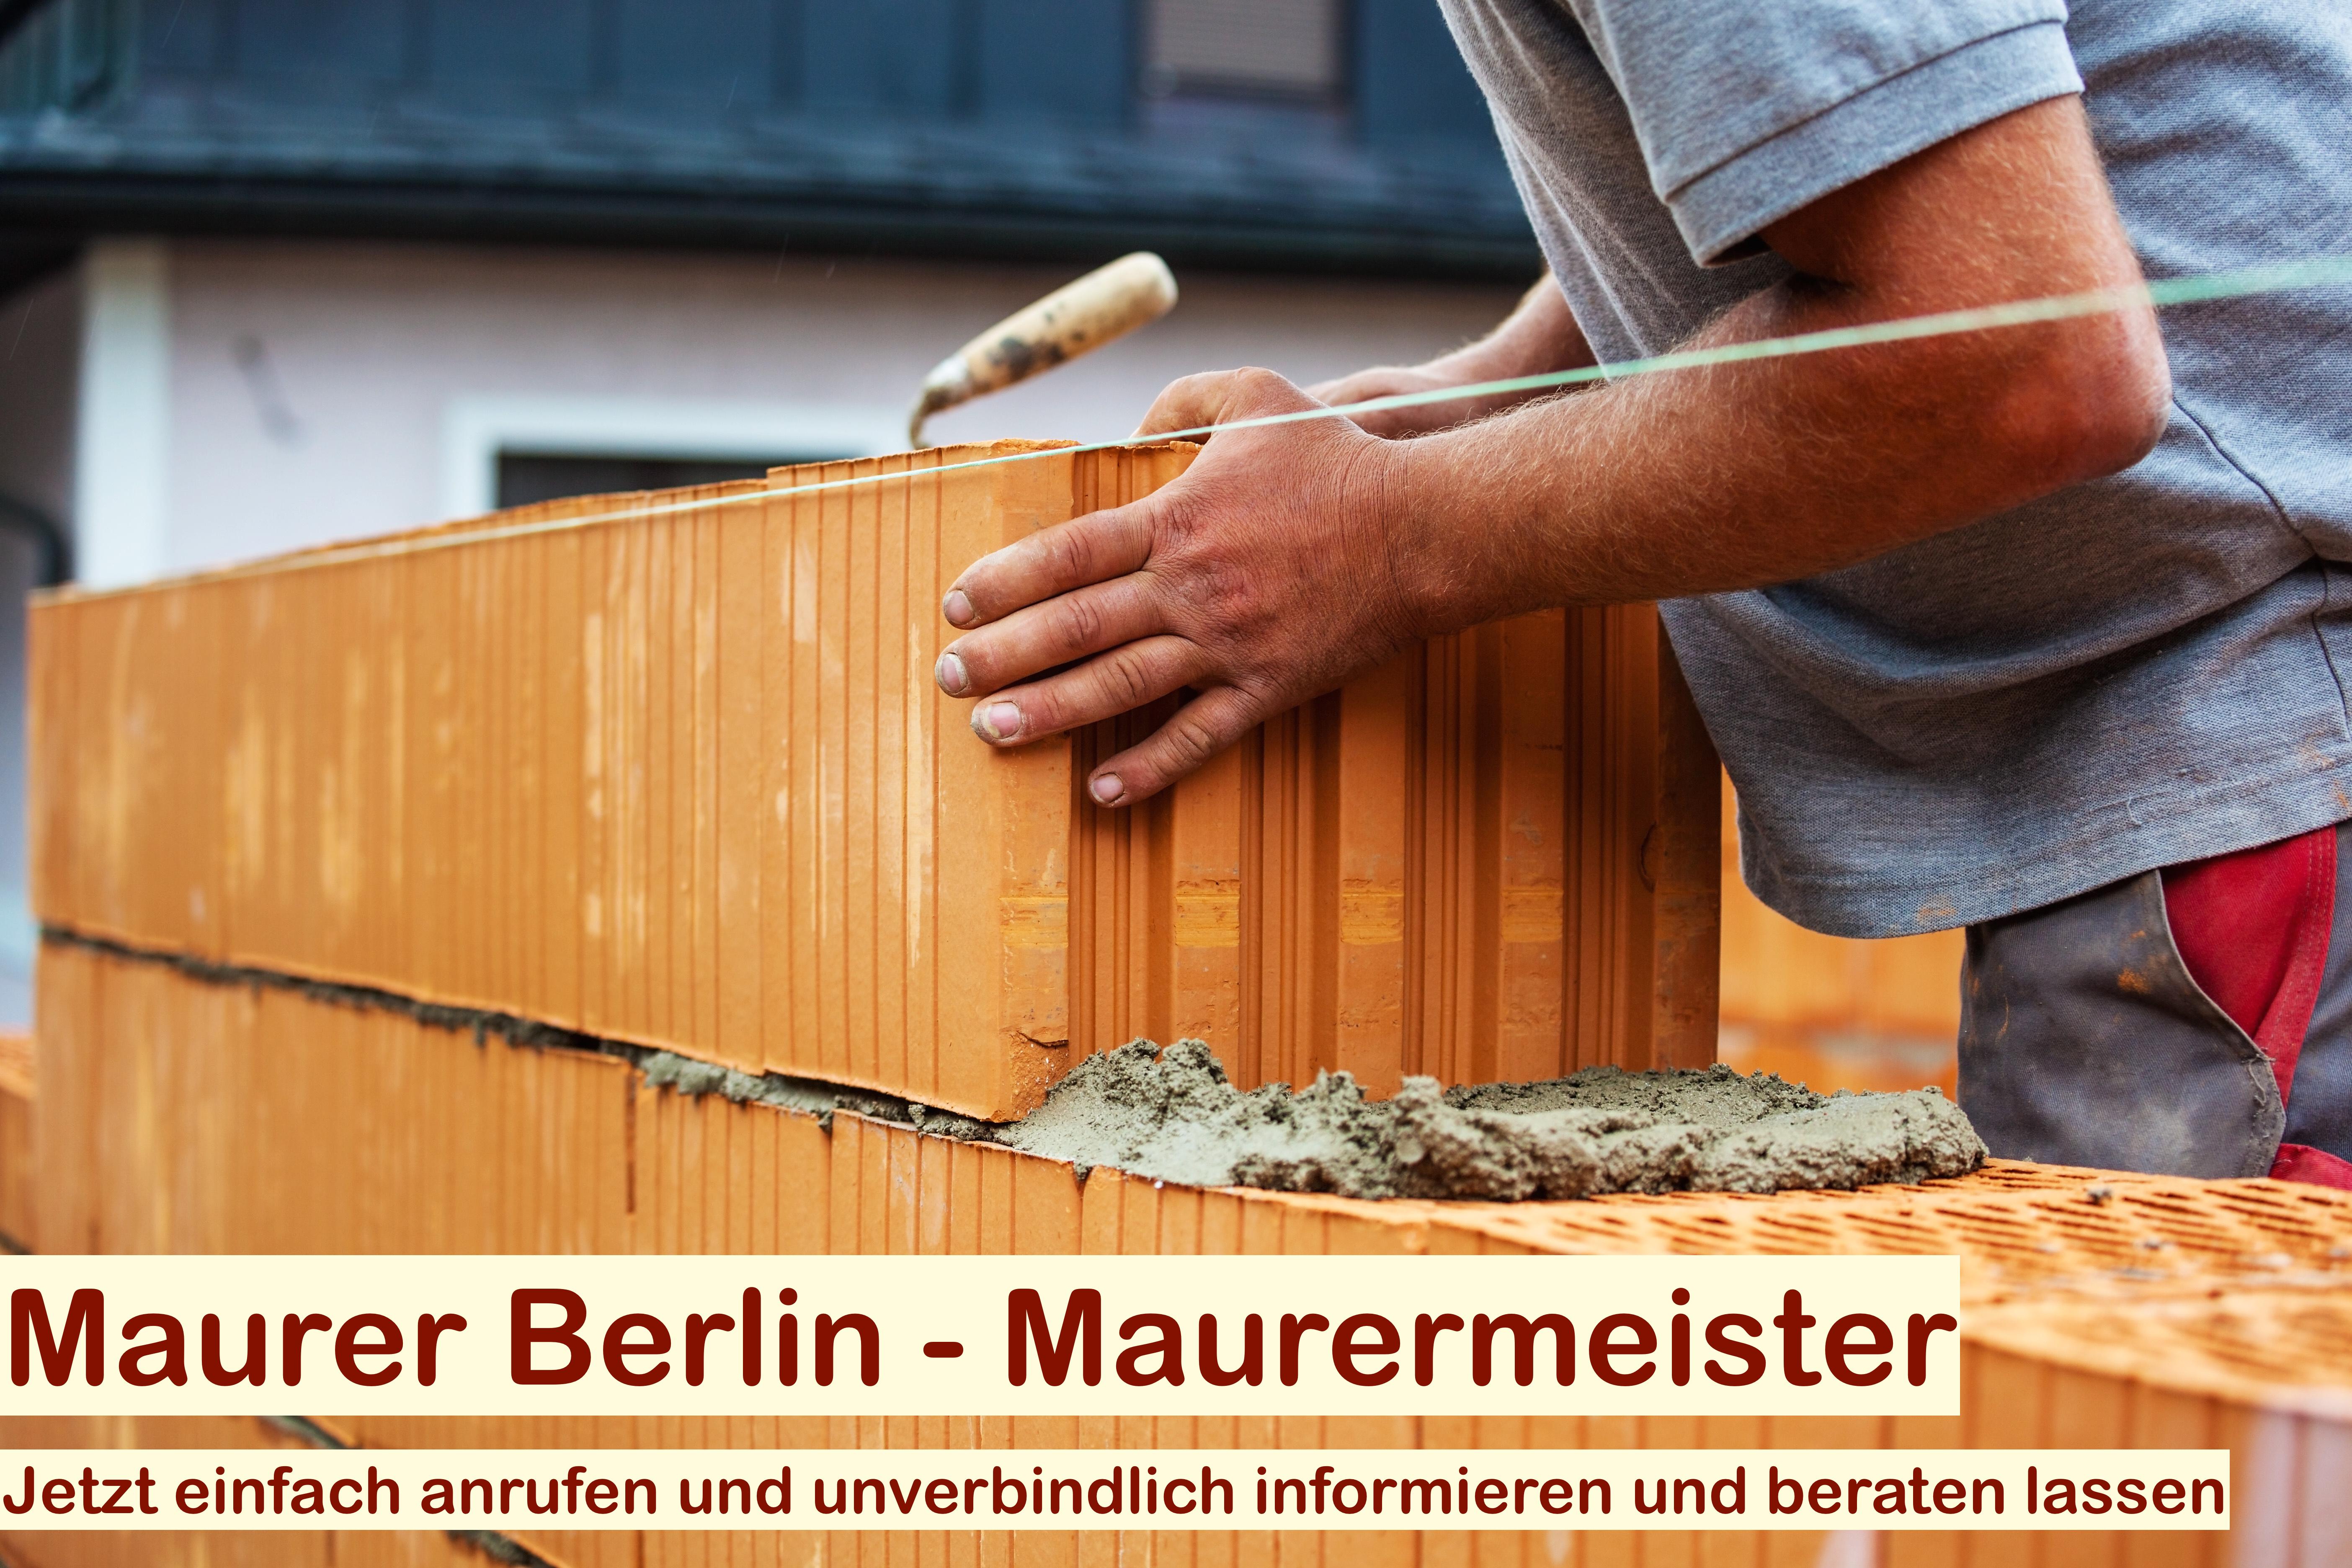 Bauhandwerker Berlin - Bauarbeiten